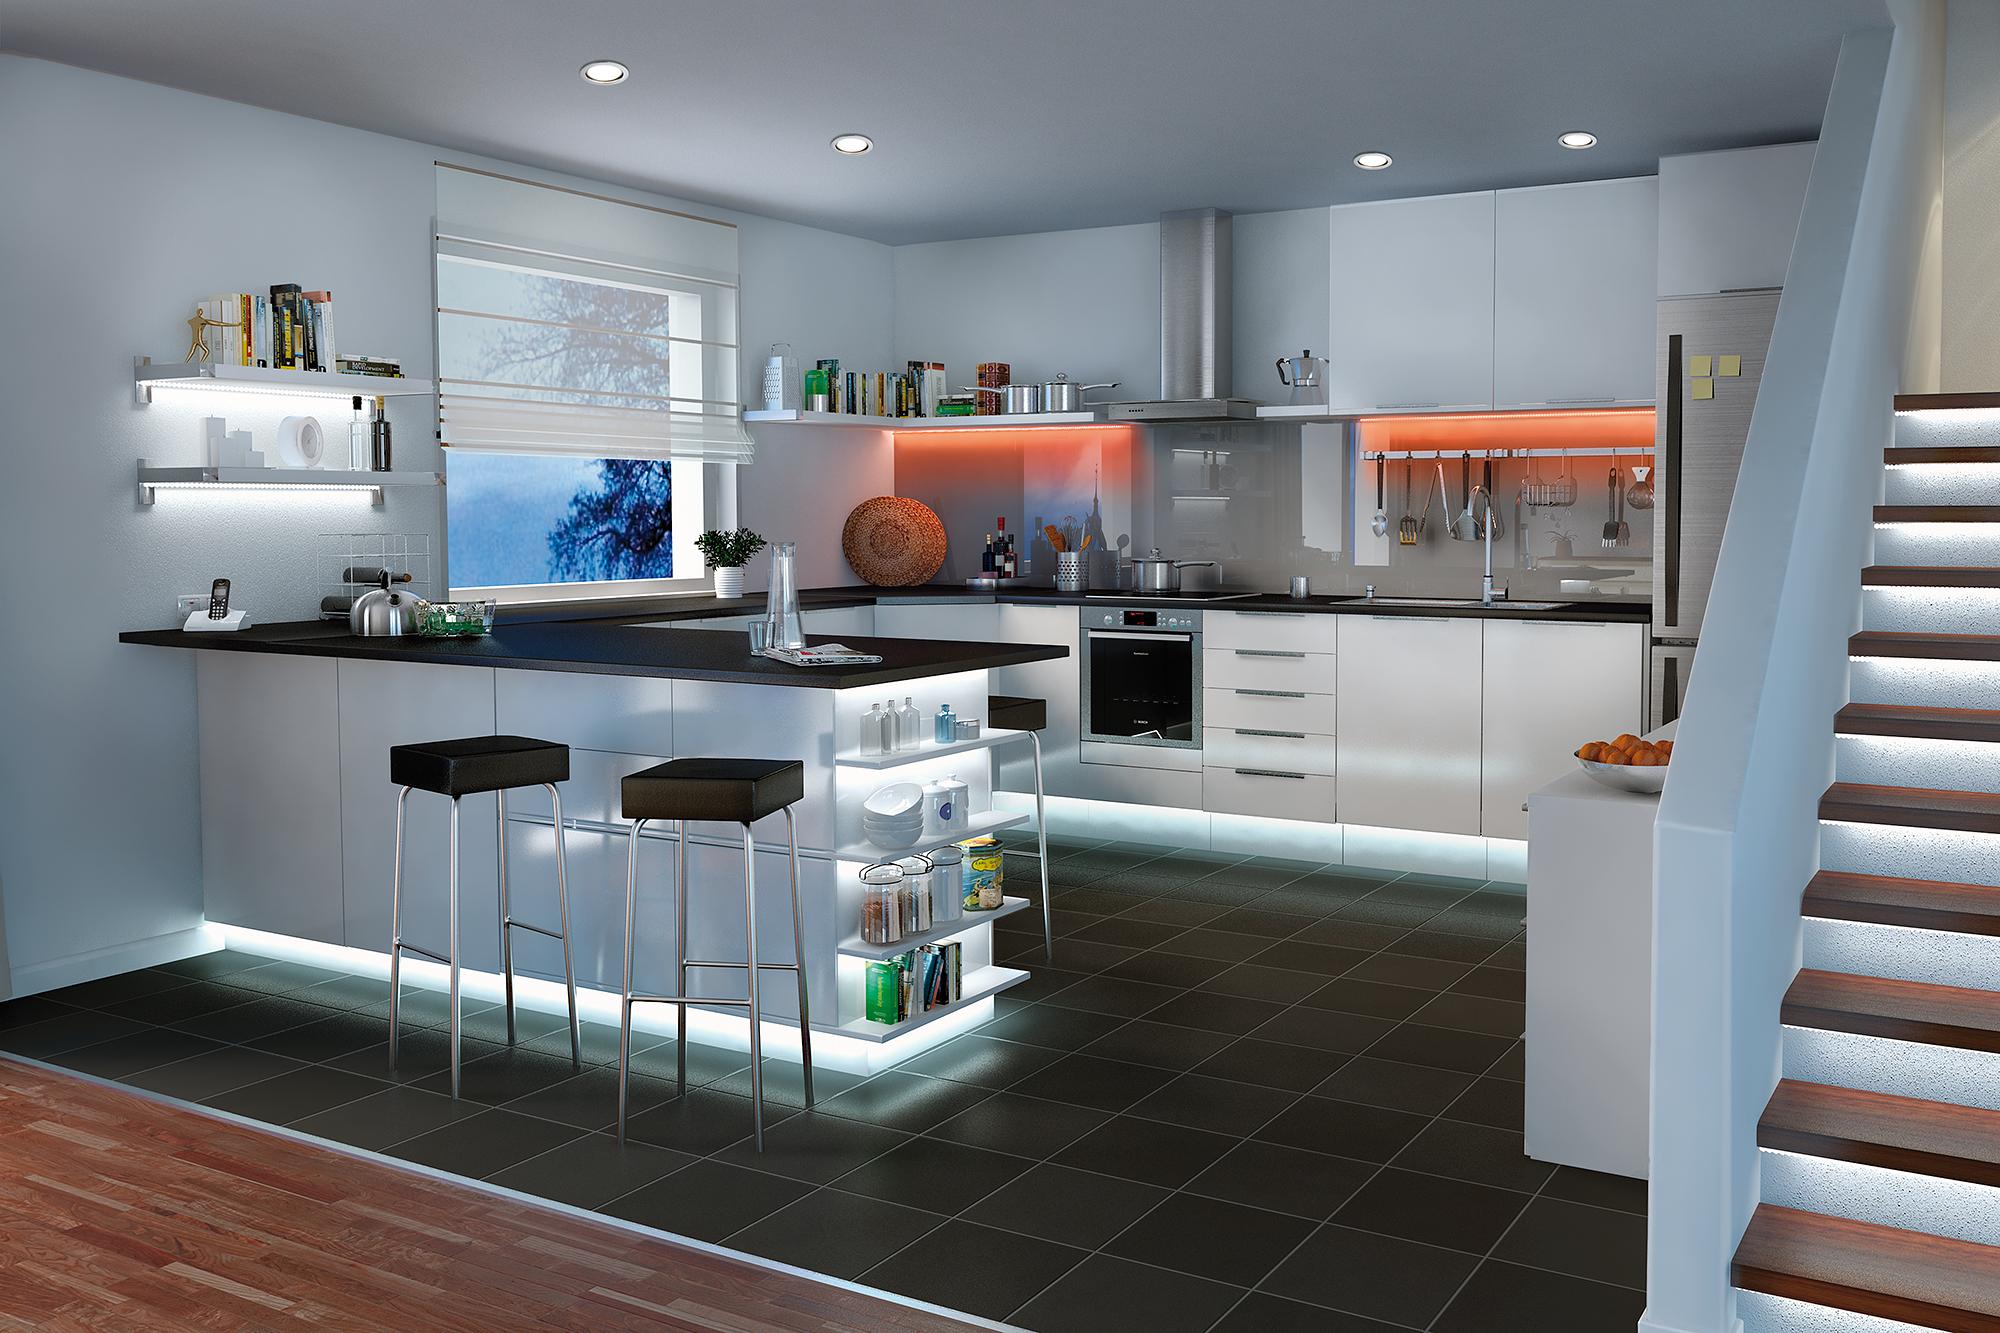 Full Size of Küchentheke Nachrüsten Fenster Einbruchsicher Einbruchschutz Zwangsbelüftung Sicherheitsbeschläge Wohnzimmer Küchentheke Nachrüsten